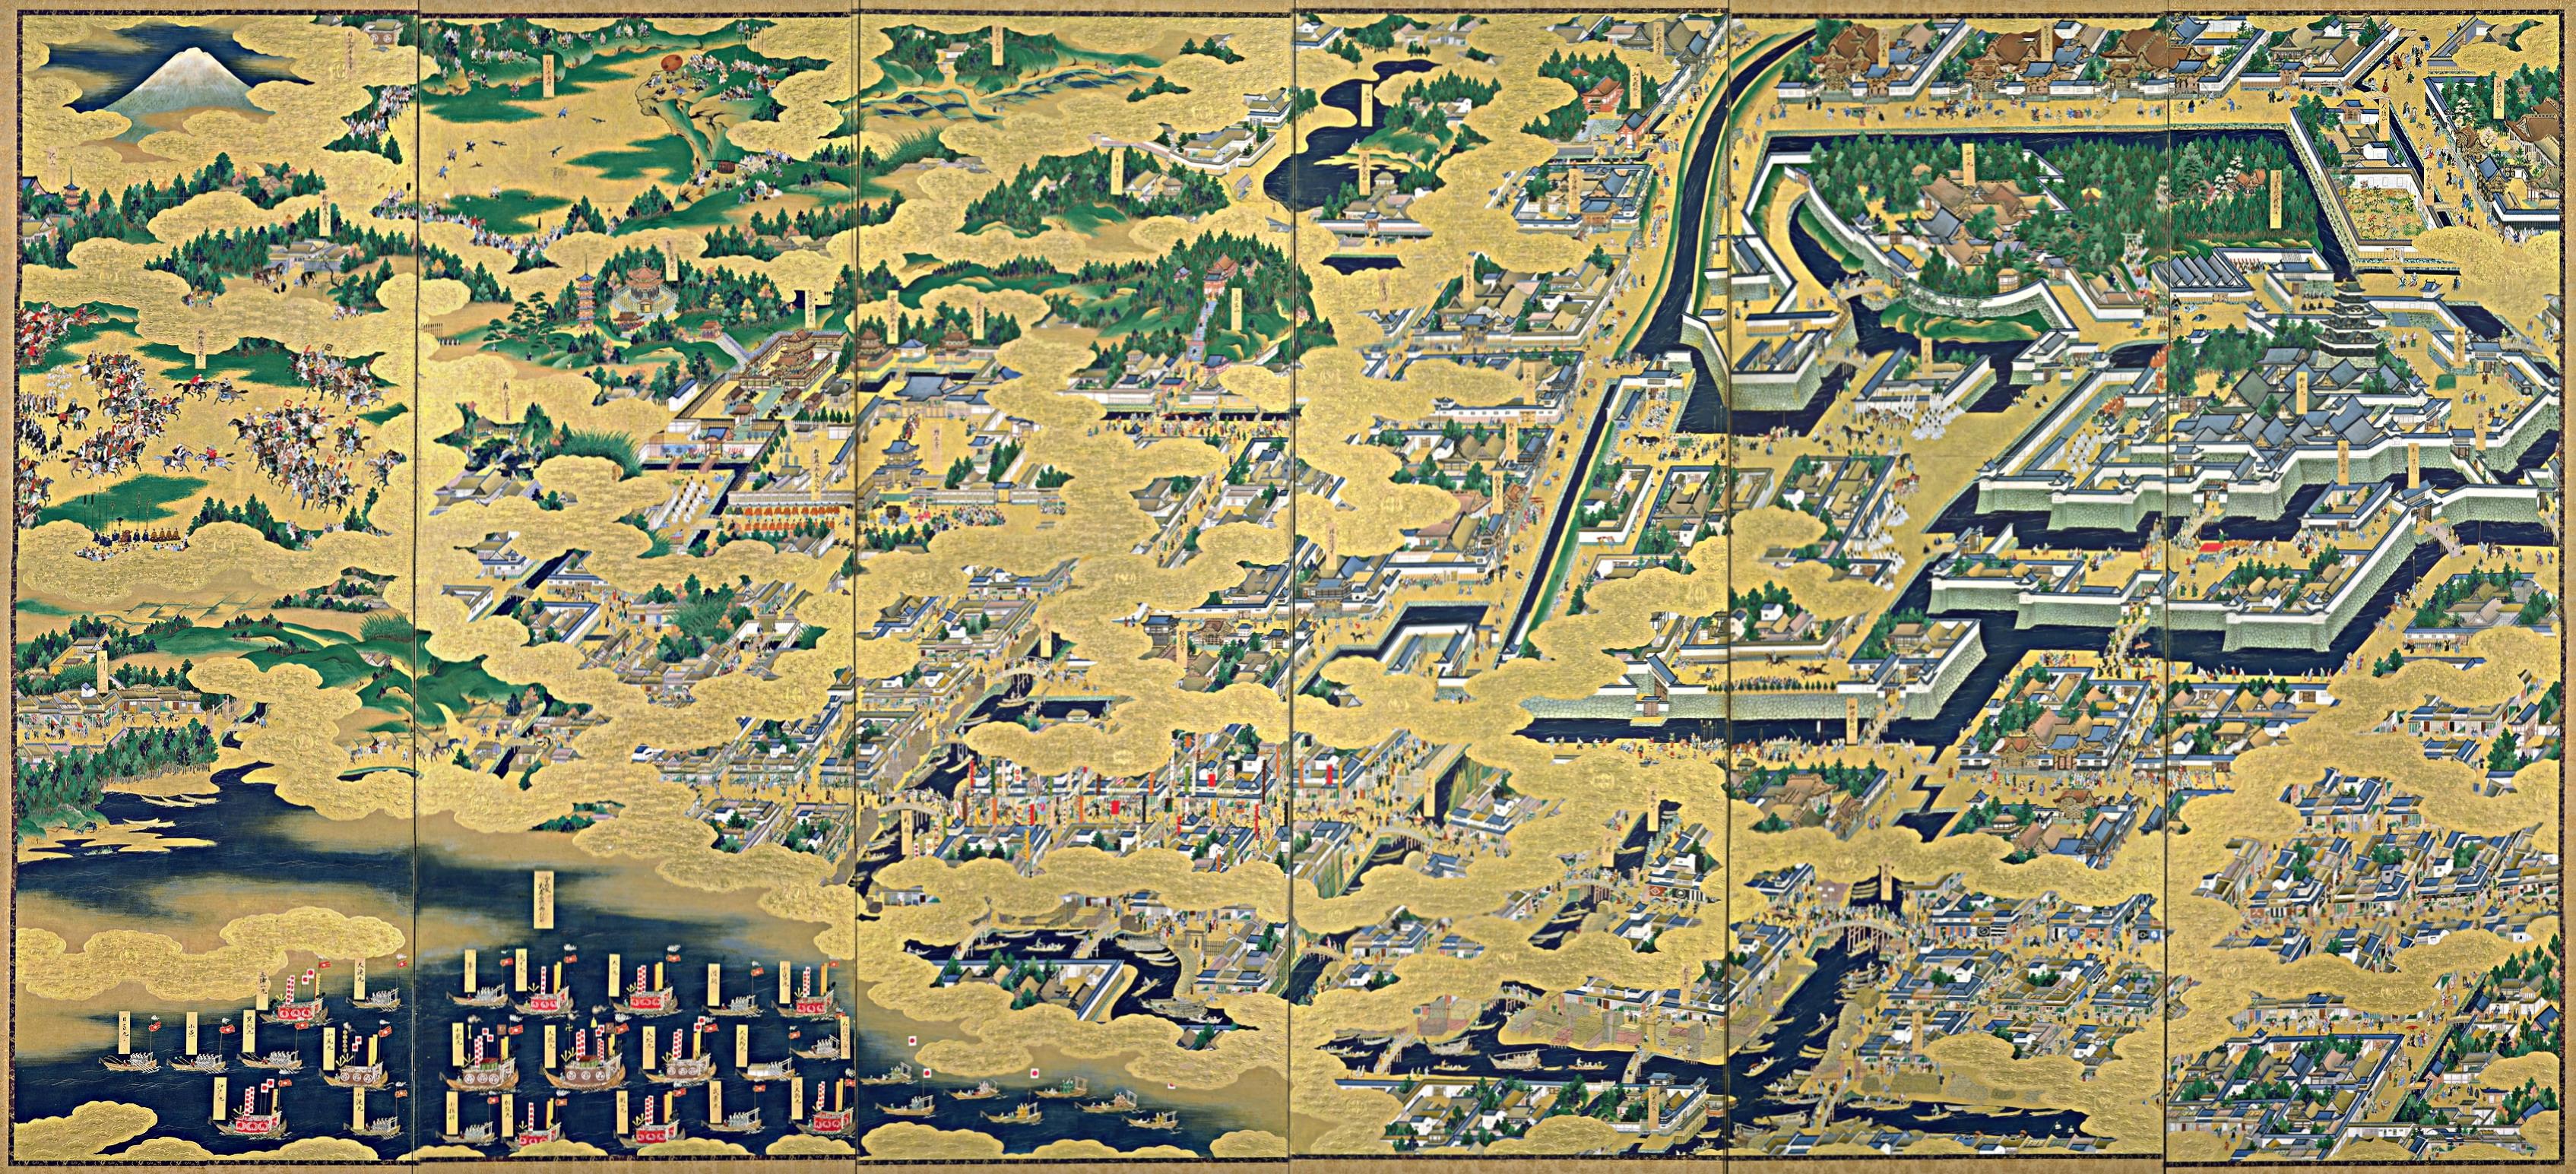 ... 江戸城 です 江戸 図 屏風 の